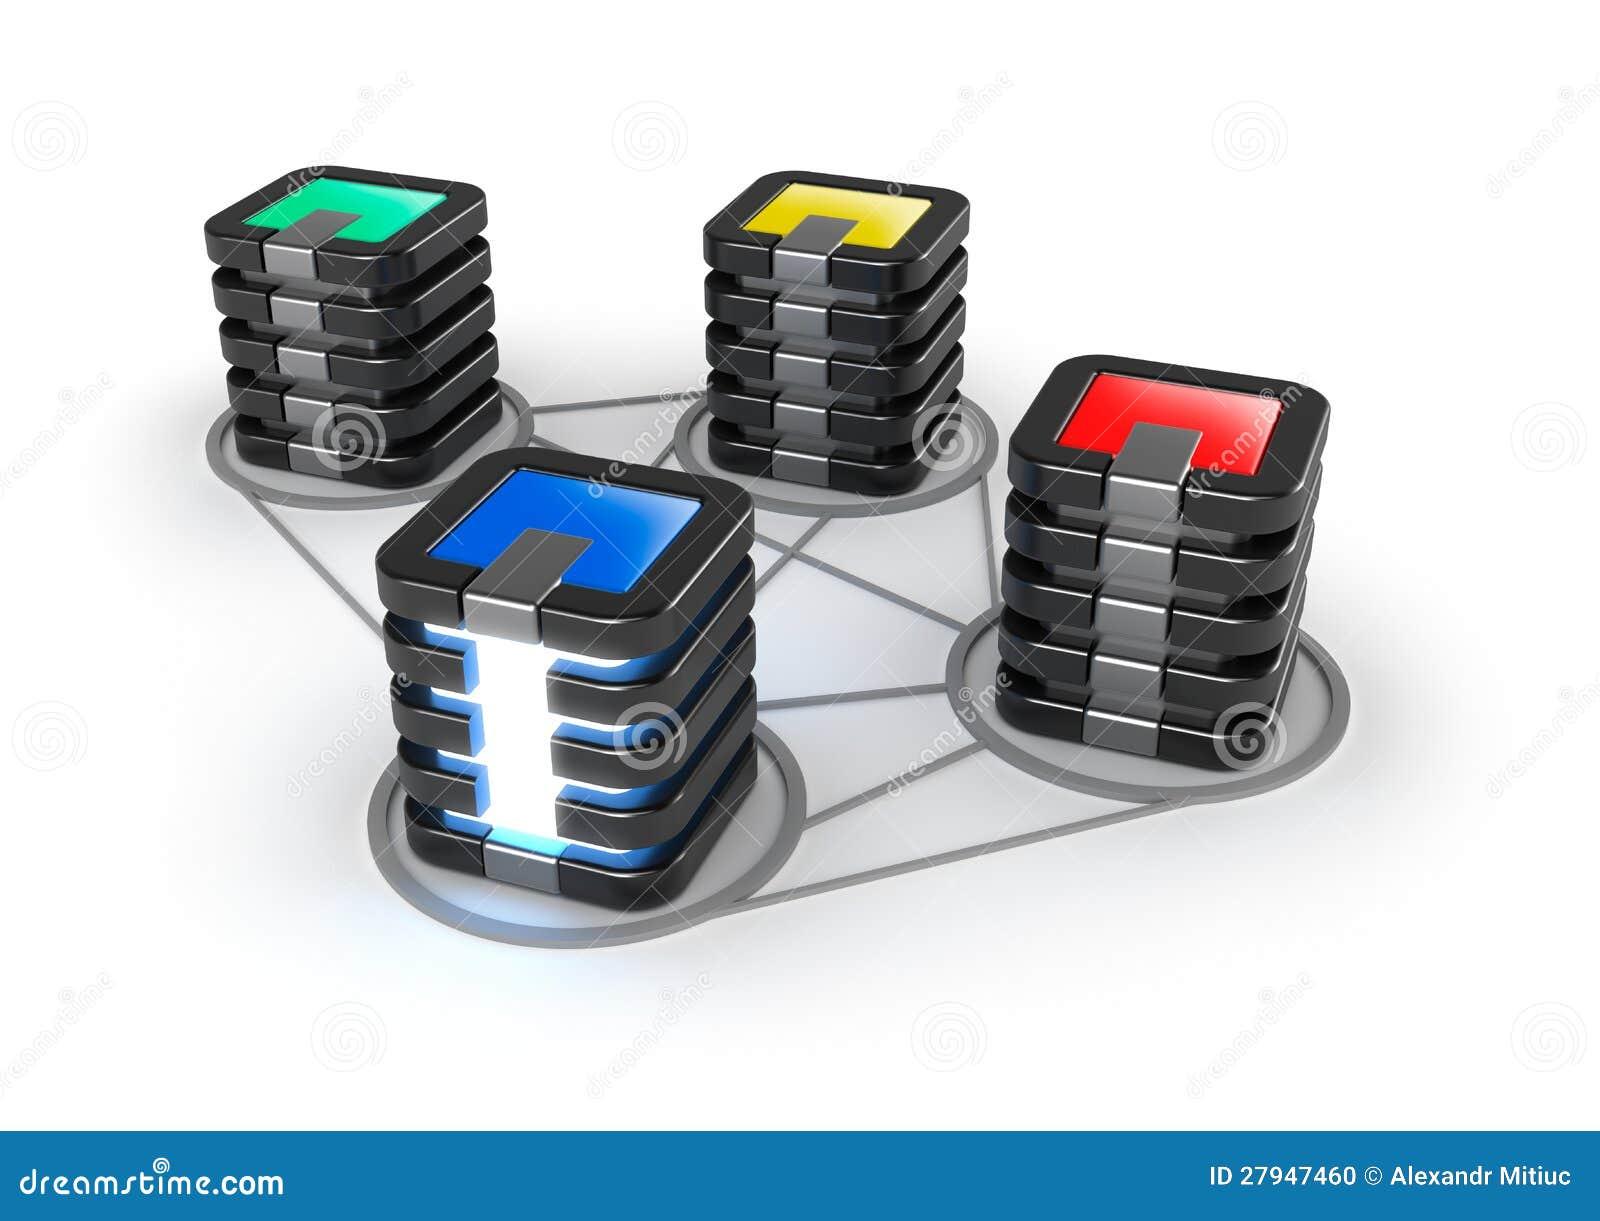 Server farm icon